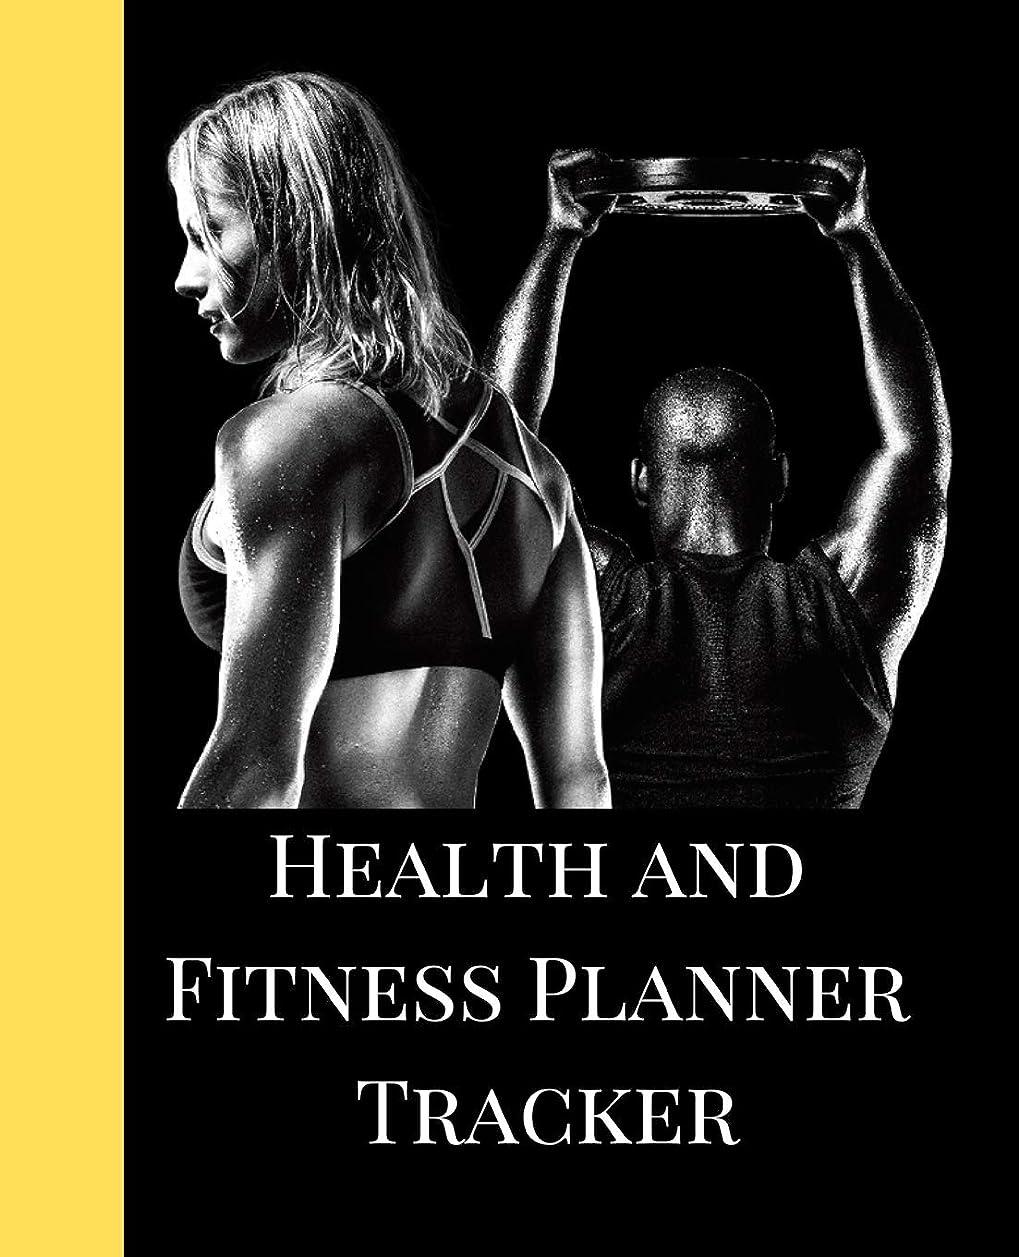 実質的に今まで保有者Health And Fitness Planner Tracker: A Hard Gym Theme 90 Day Daily Planner, Workout, Exercise And Food Planning Journal With Fitness Calendar And Motivational Quotes For Men And Women To Achieve That Dream Body